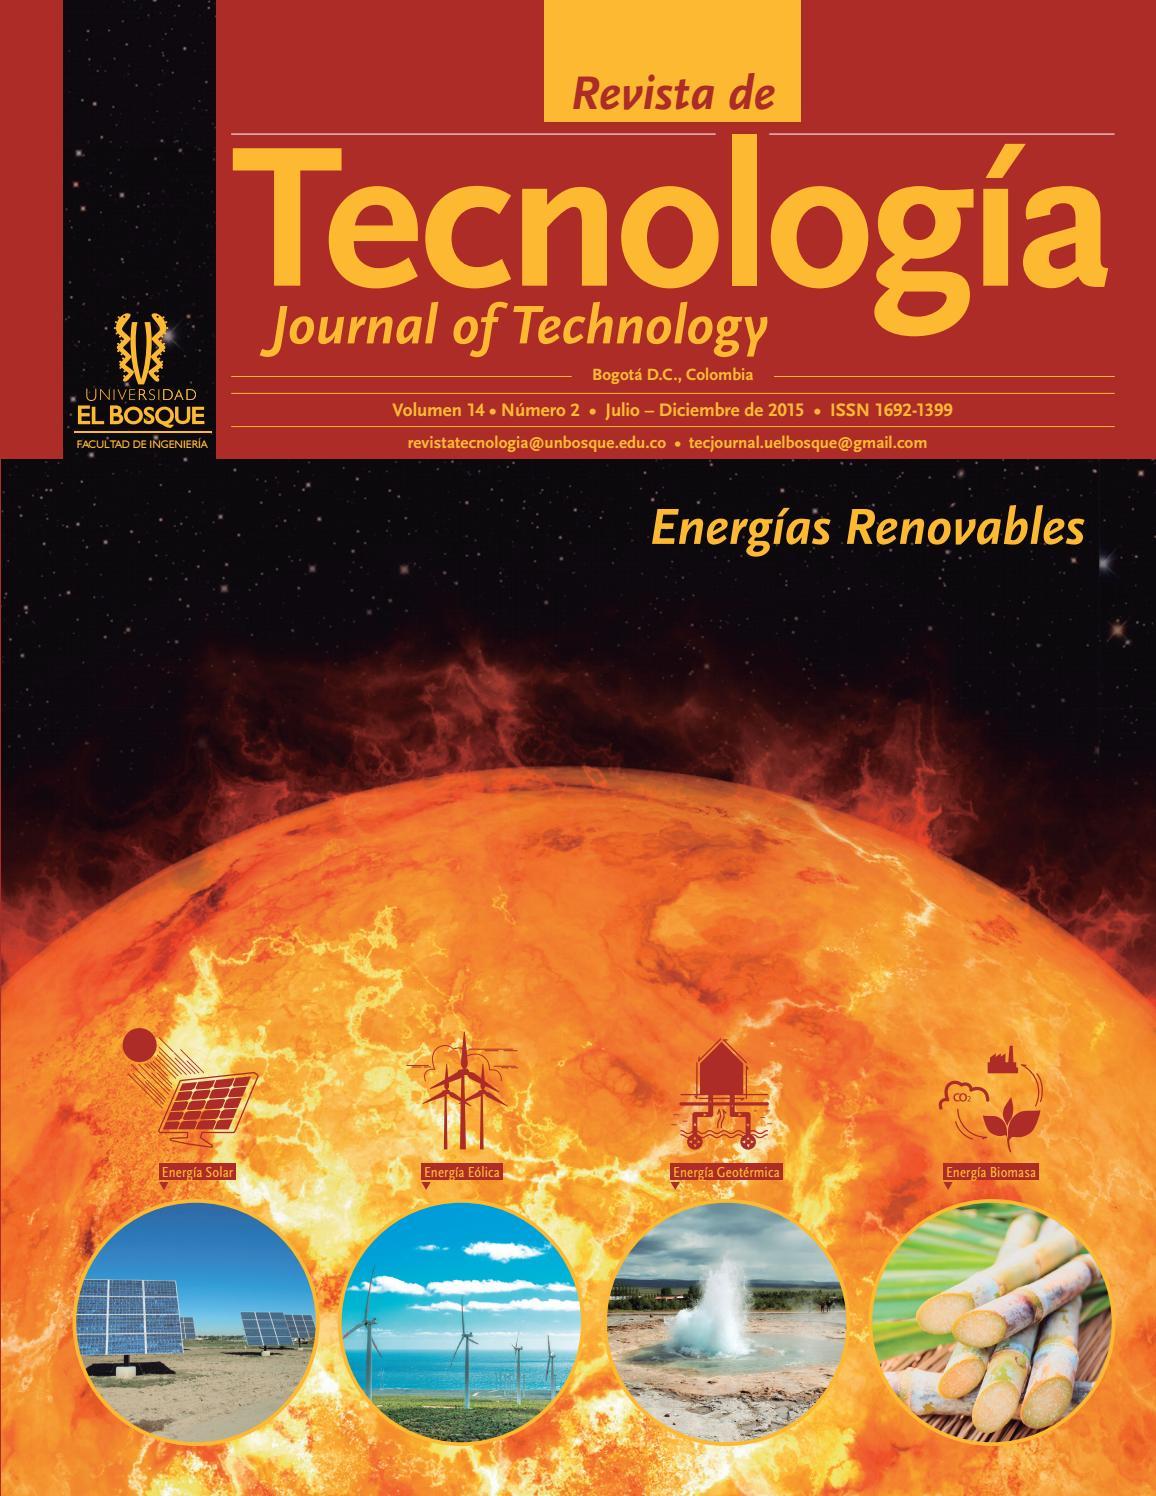 Revista de Tecnología - Journal of Technology by Universidad El Bosque -  issuu 85dbe1c1f46